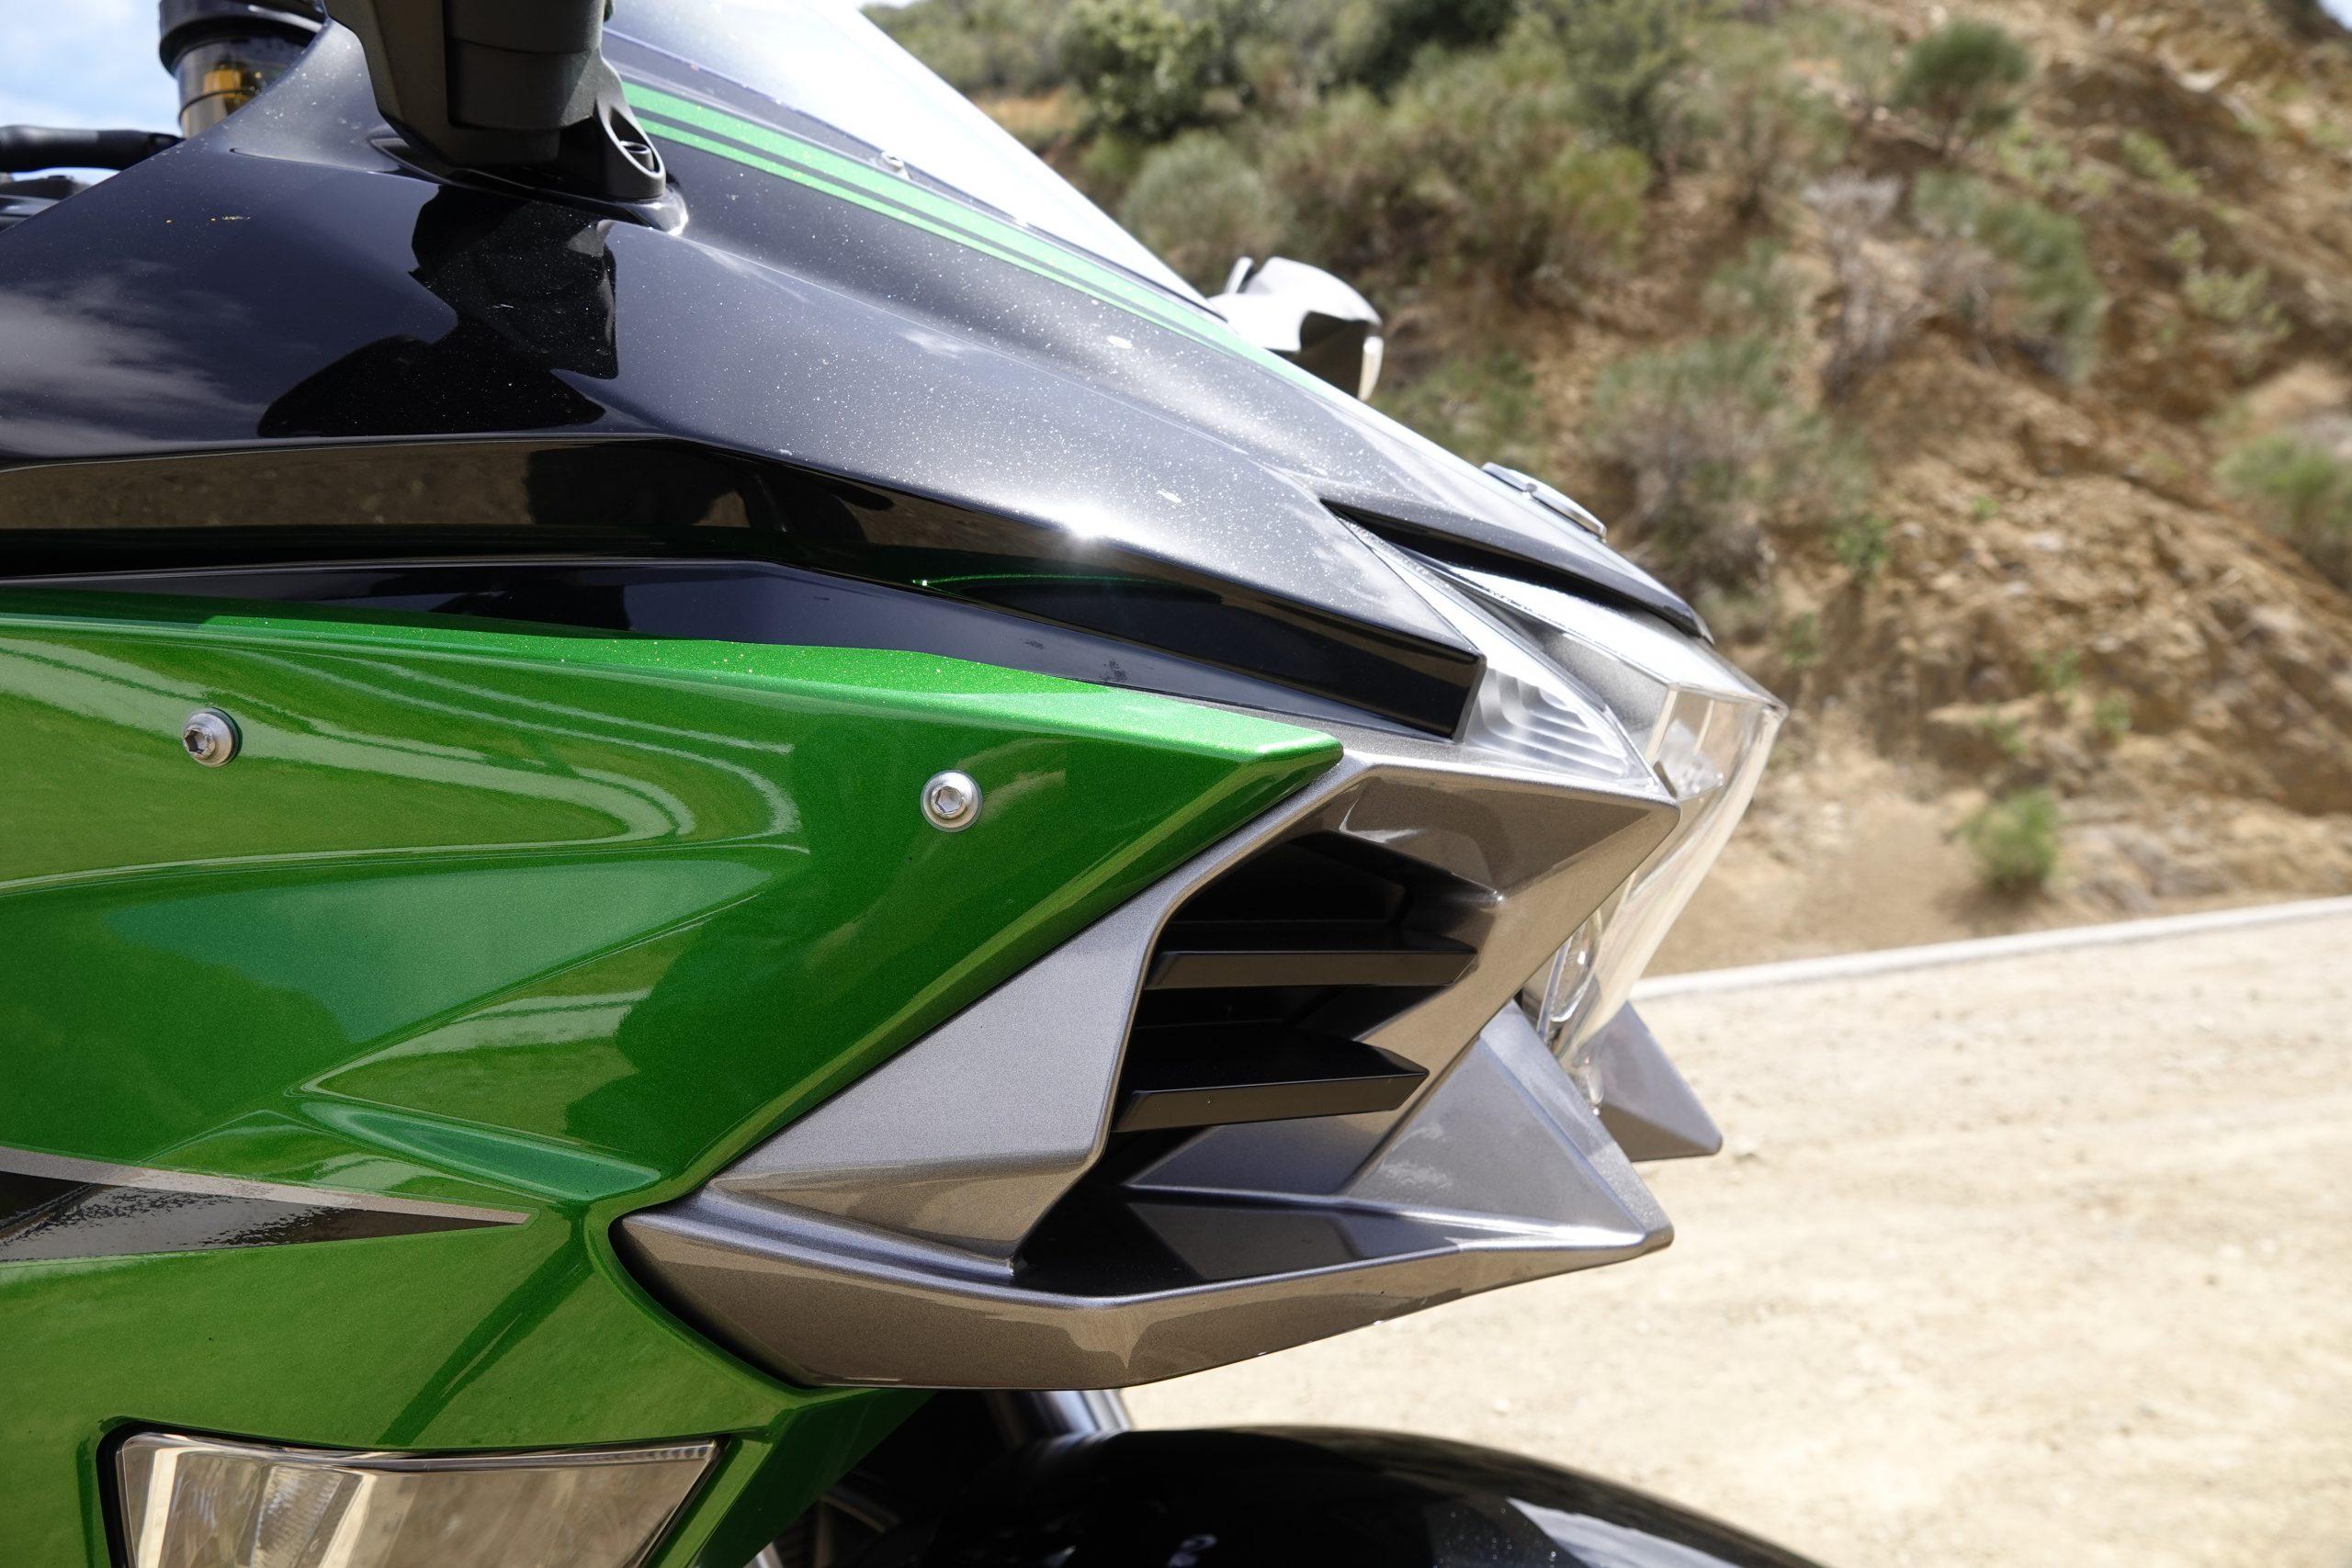 2021 Kawasaki H2 SX-SE front lines